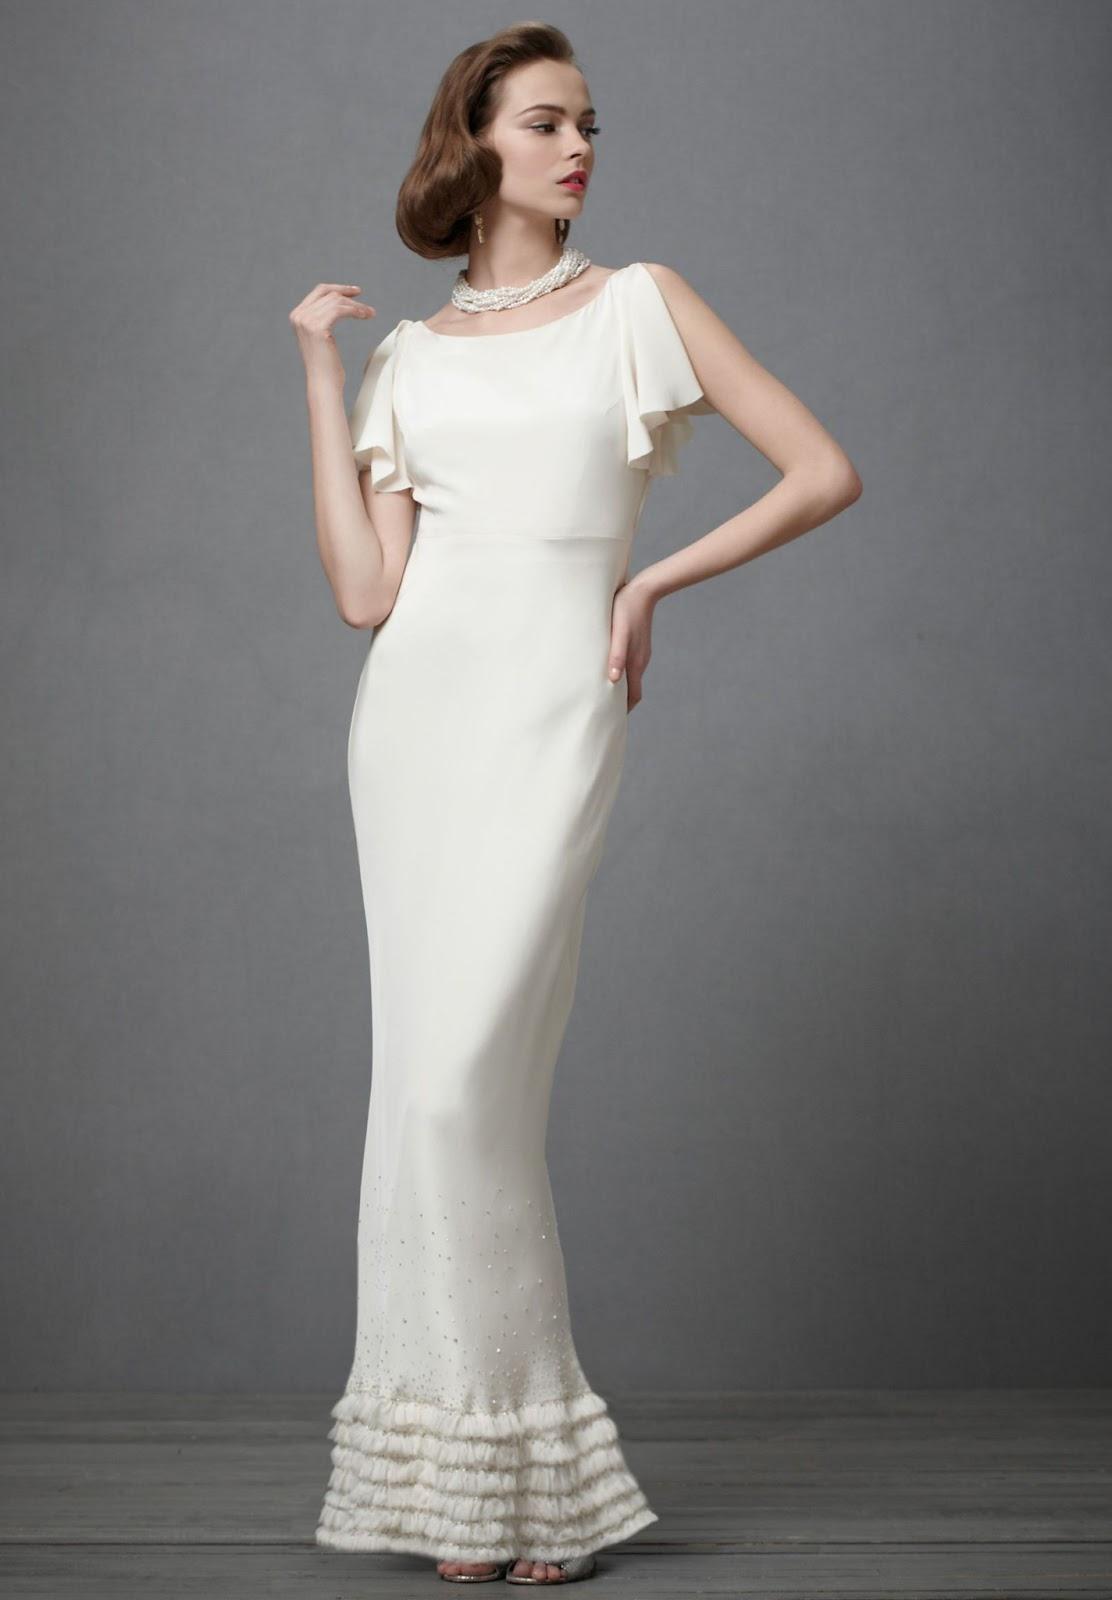 Wedding Reception Dresses Find A Wedding Reception Dress For A Spring Wedding